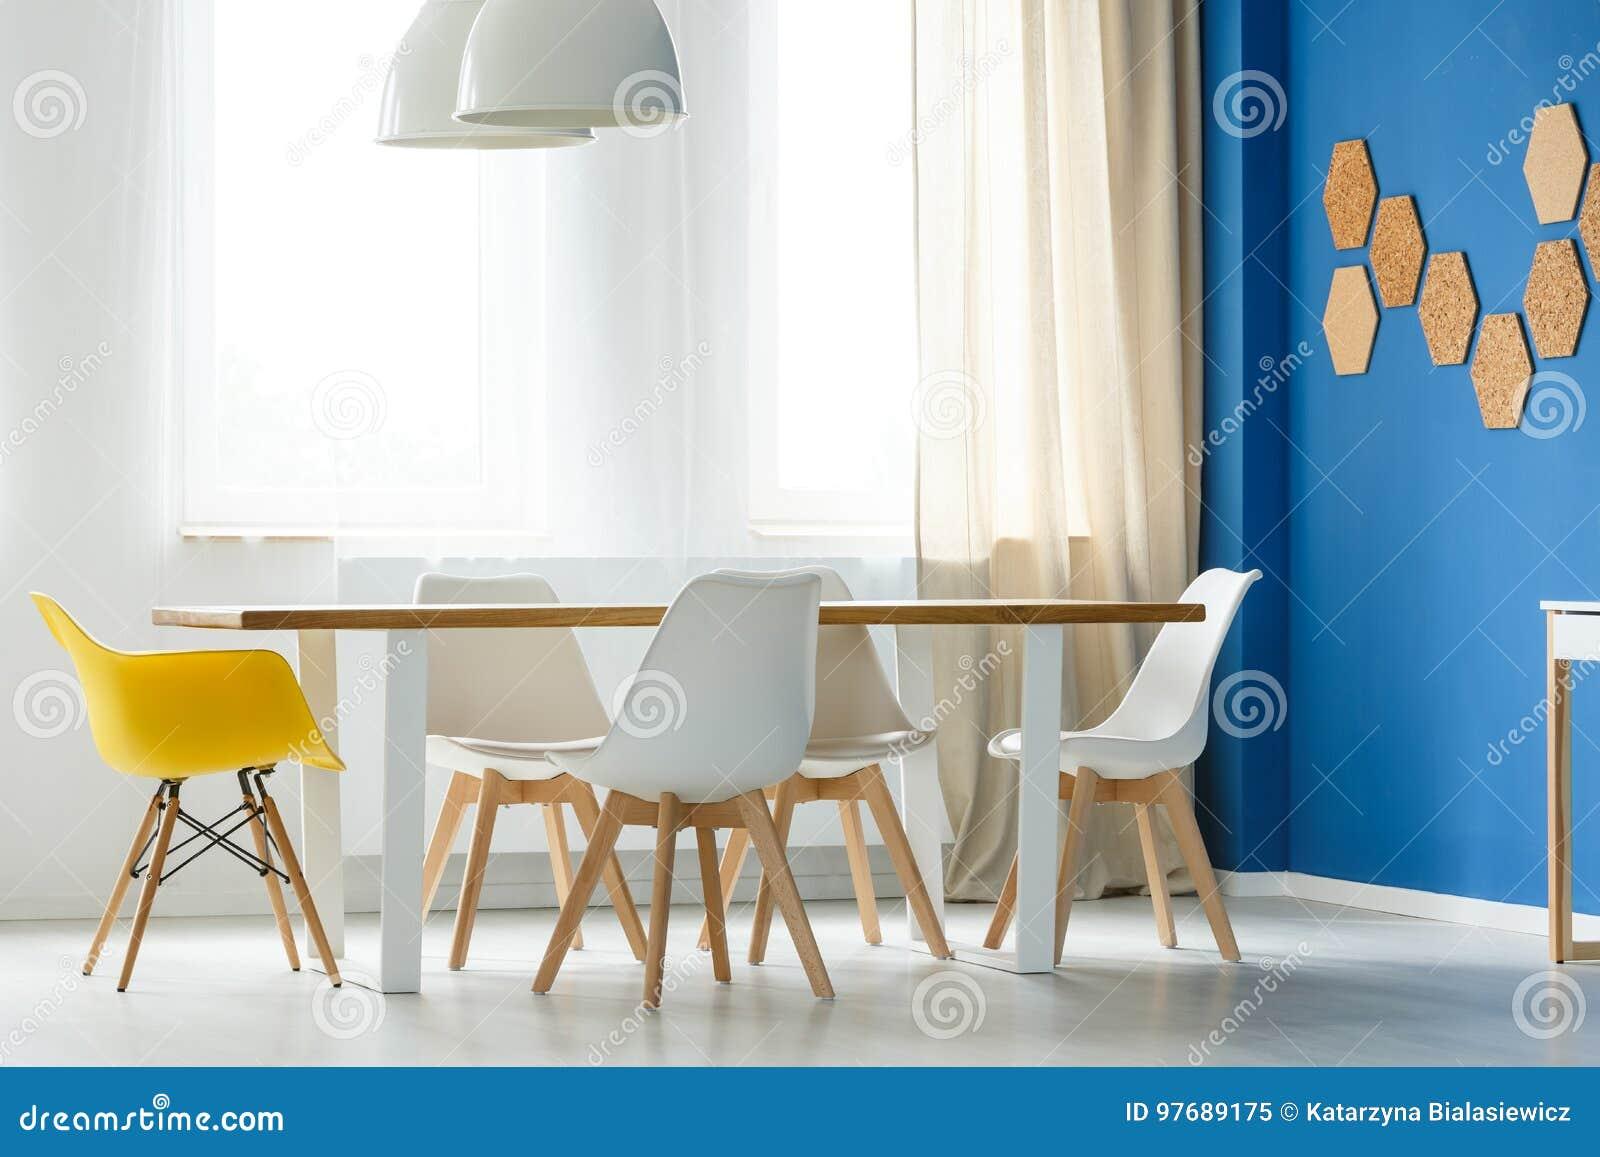 Skandinavische Weiße Und Gelbe Stühle